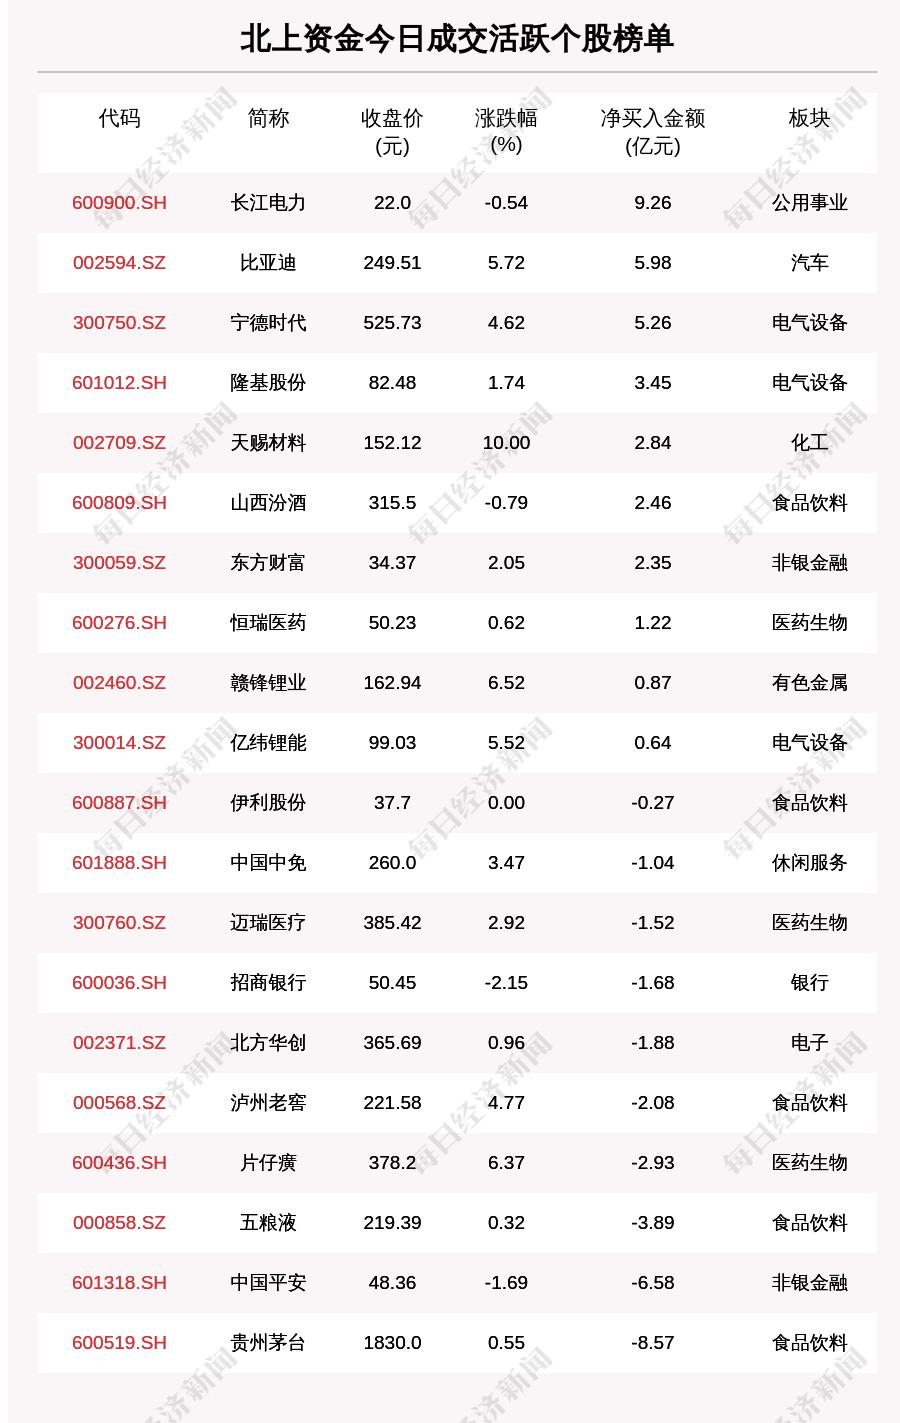 天游平台注册地址每经18点丨联想集团科创板上市申请获受理;华夏幸福初步拟定债务重组计划,10月8日复牌;北向资金净卖出贵州茅台8.57亿元